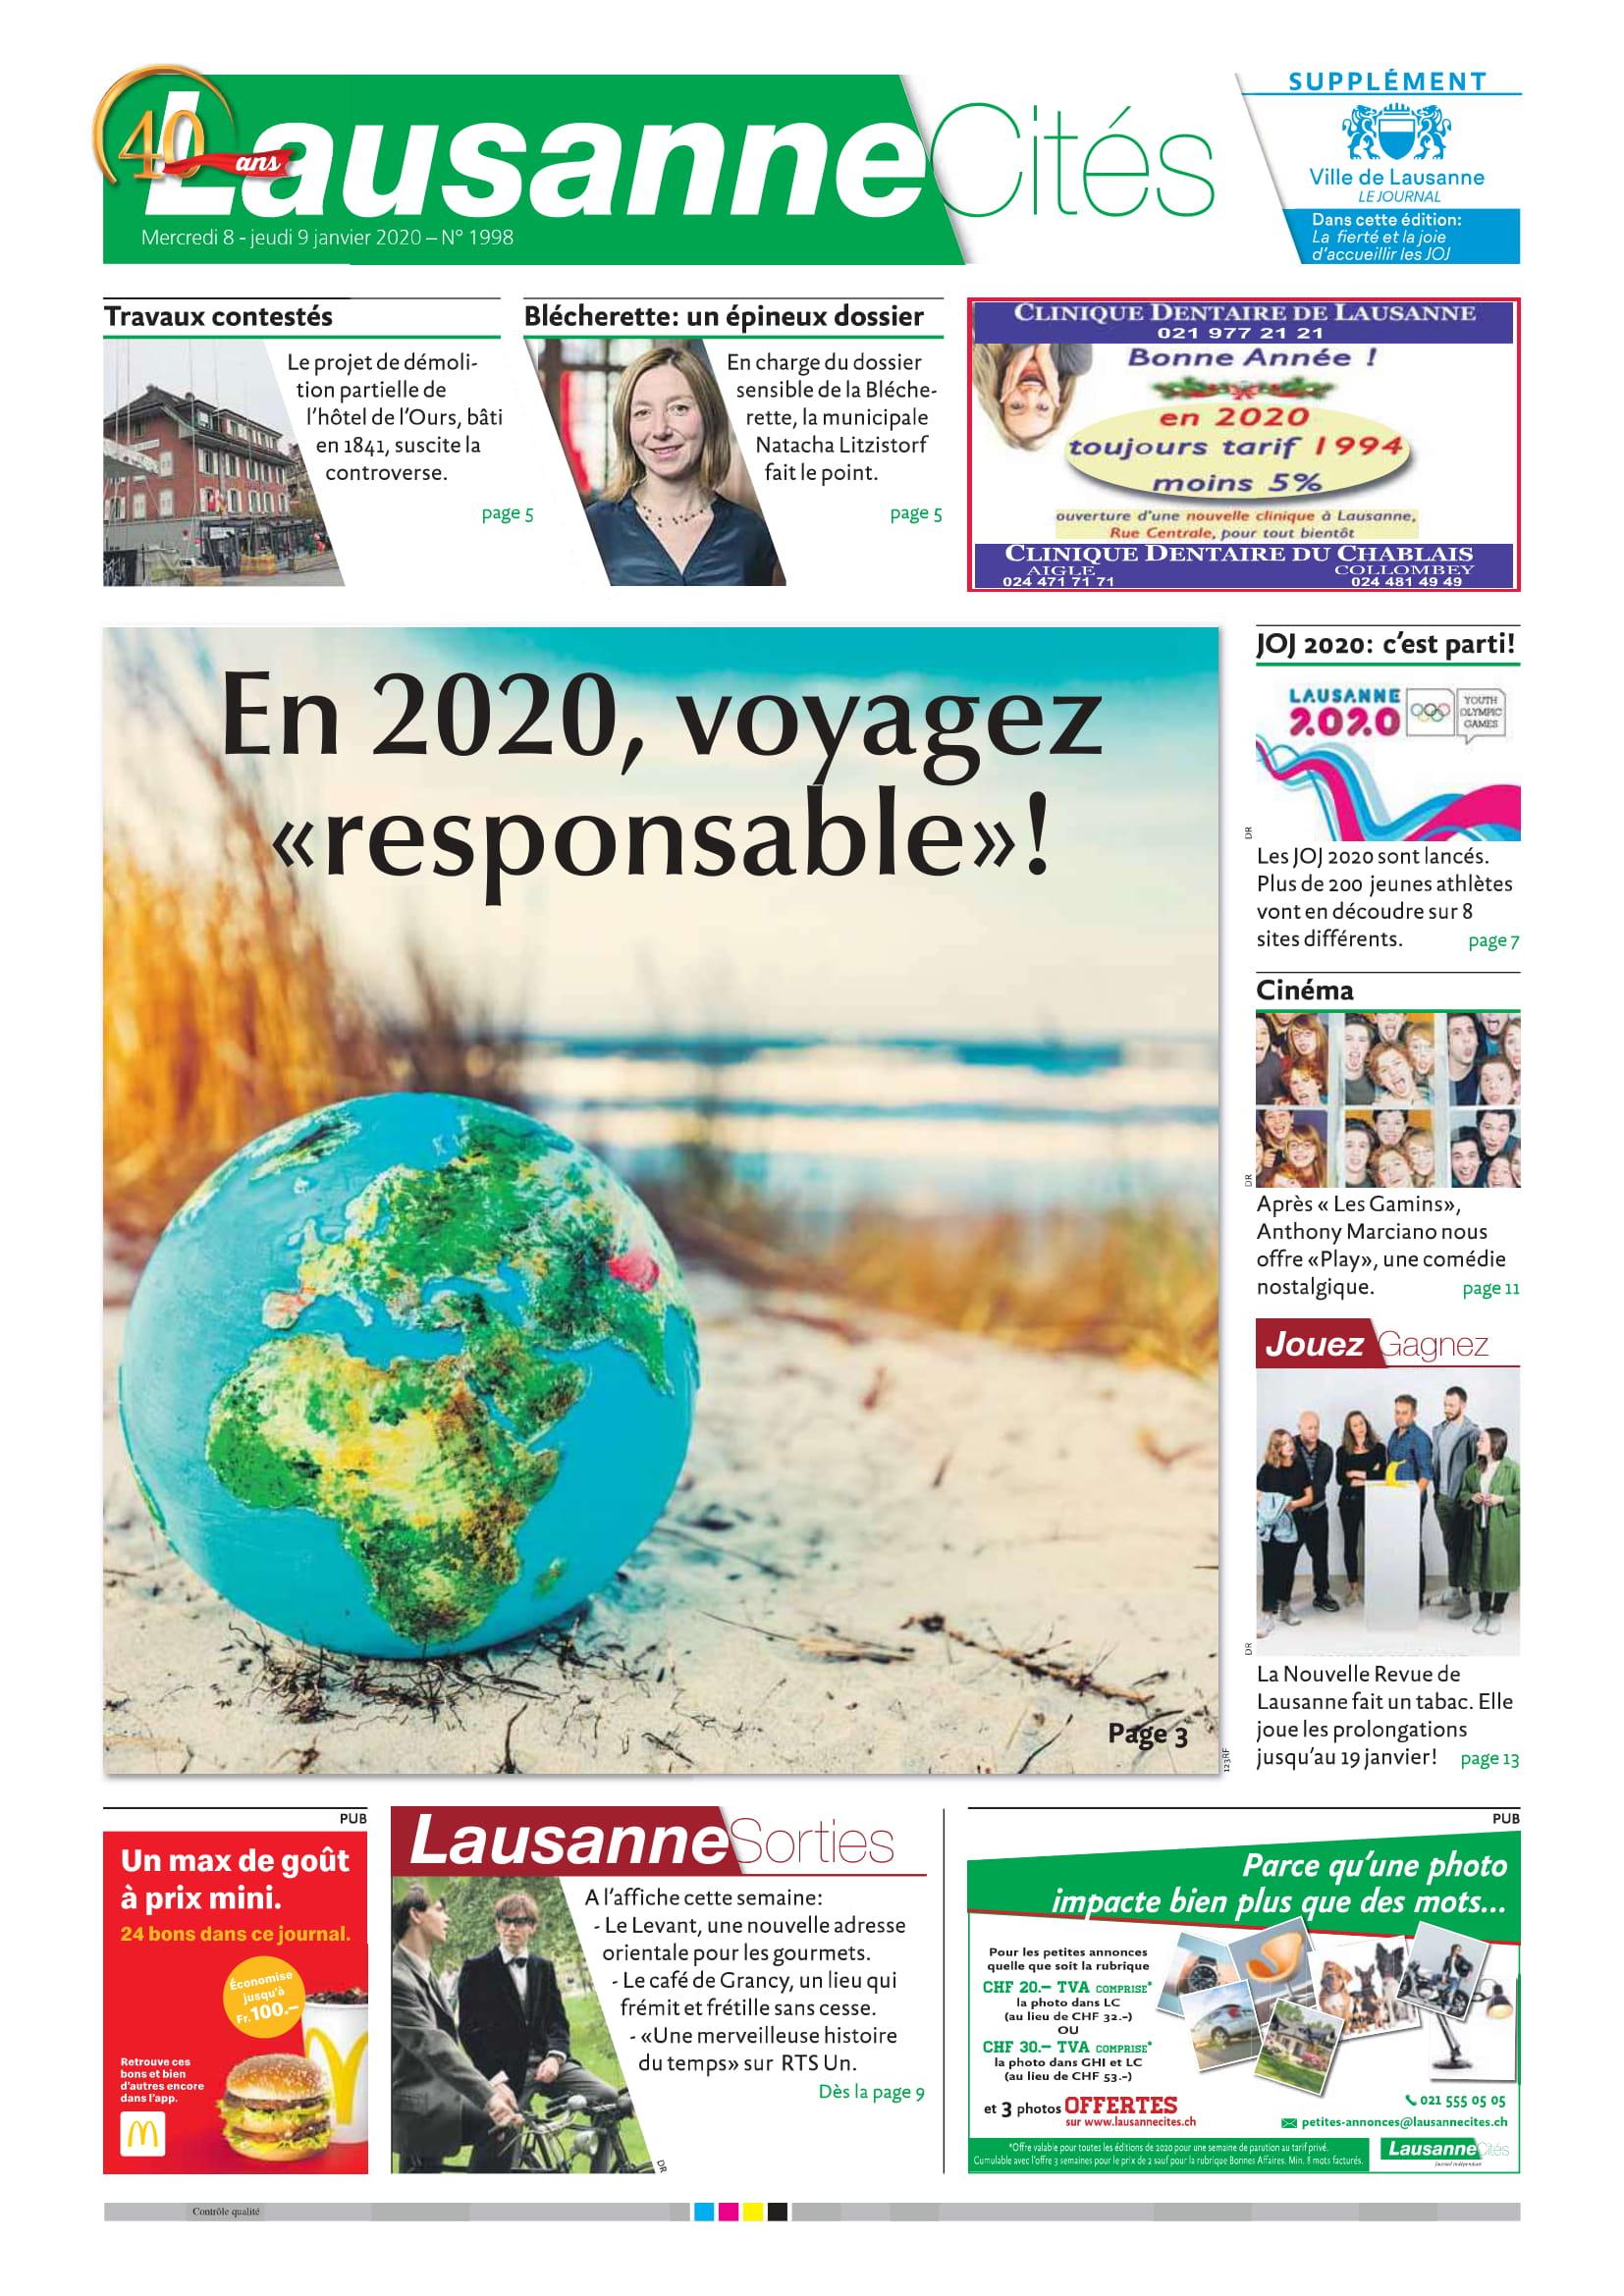 LC - Janvier 2020 - Voyages éthiques-1